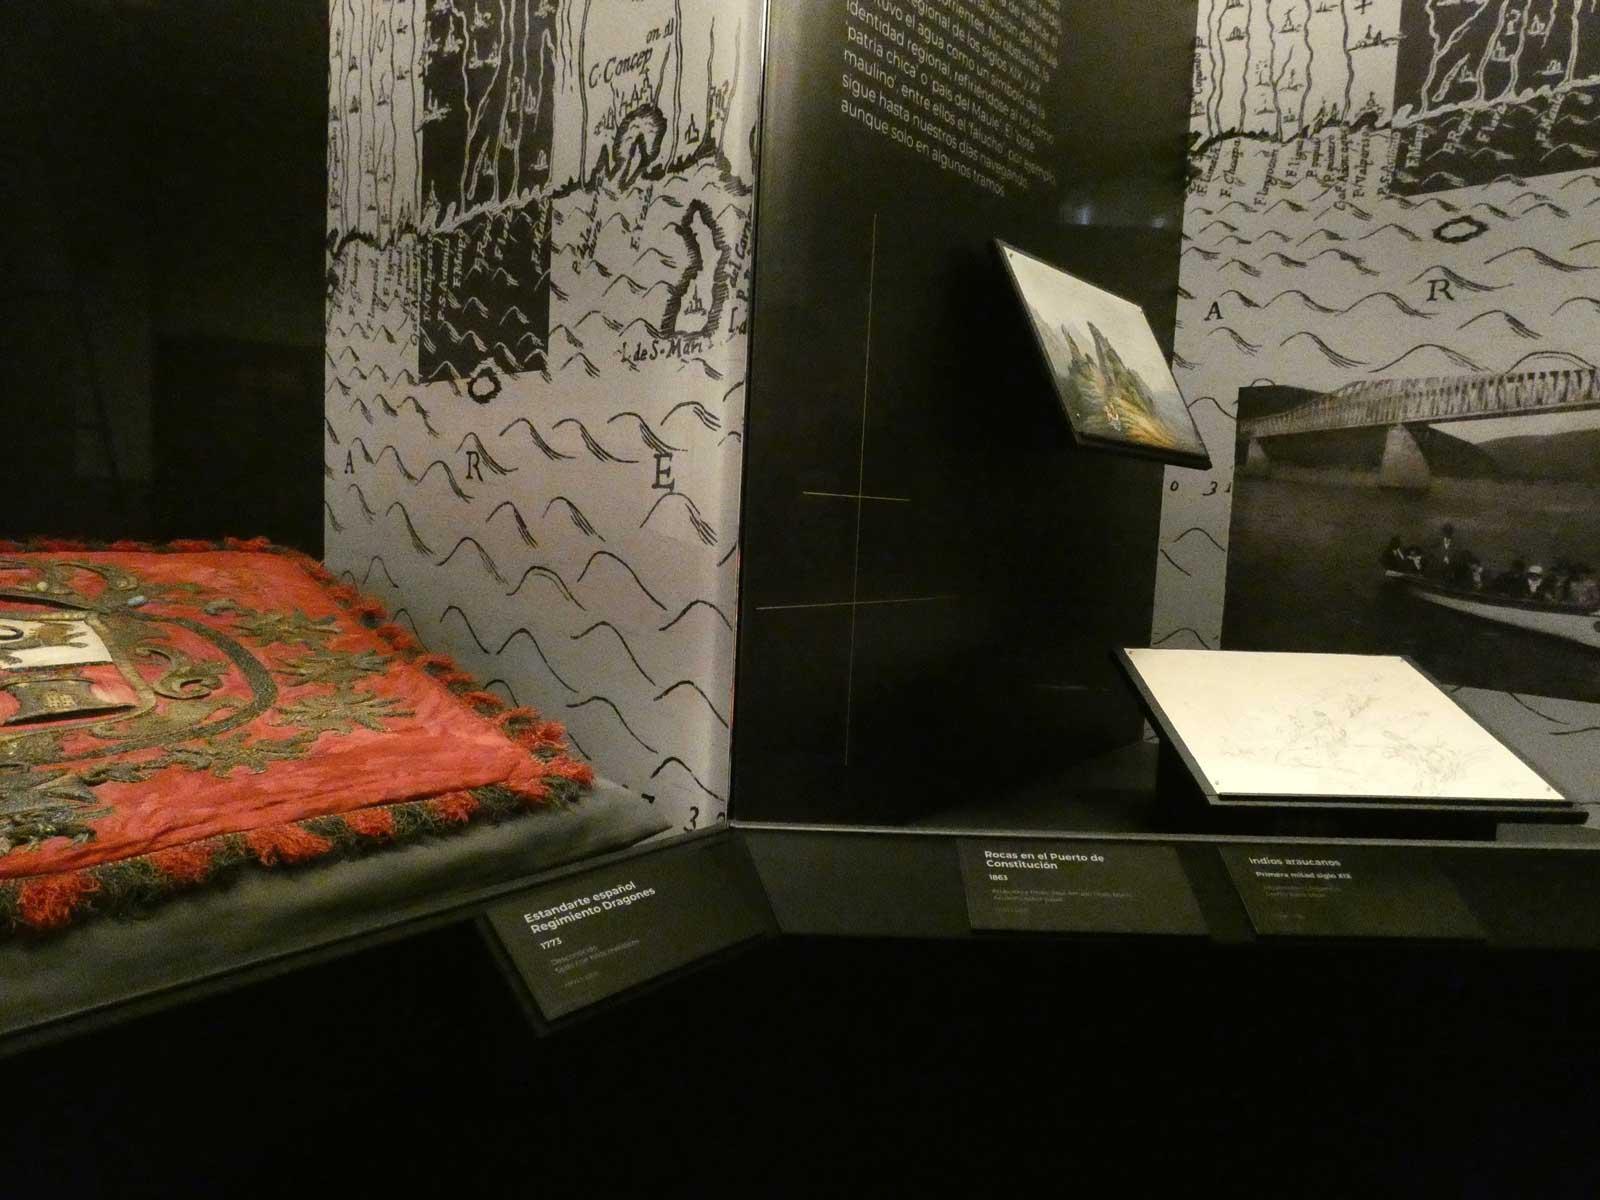 Amercanda.com-Museografía-y-Exposiciónes-Sinopsis,-Sentido-de-Nación-2020-5